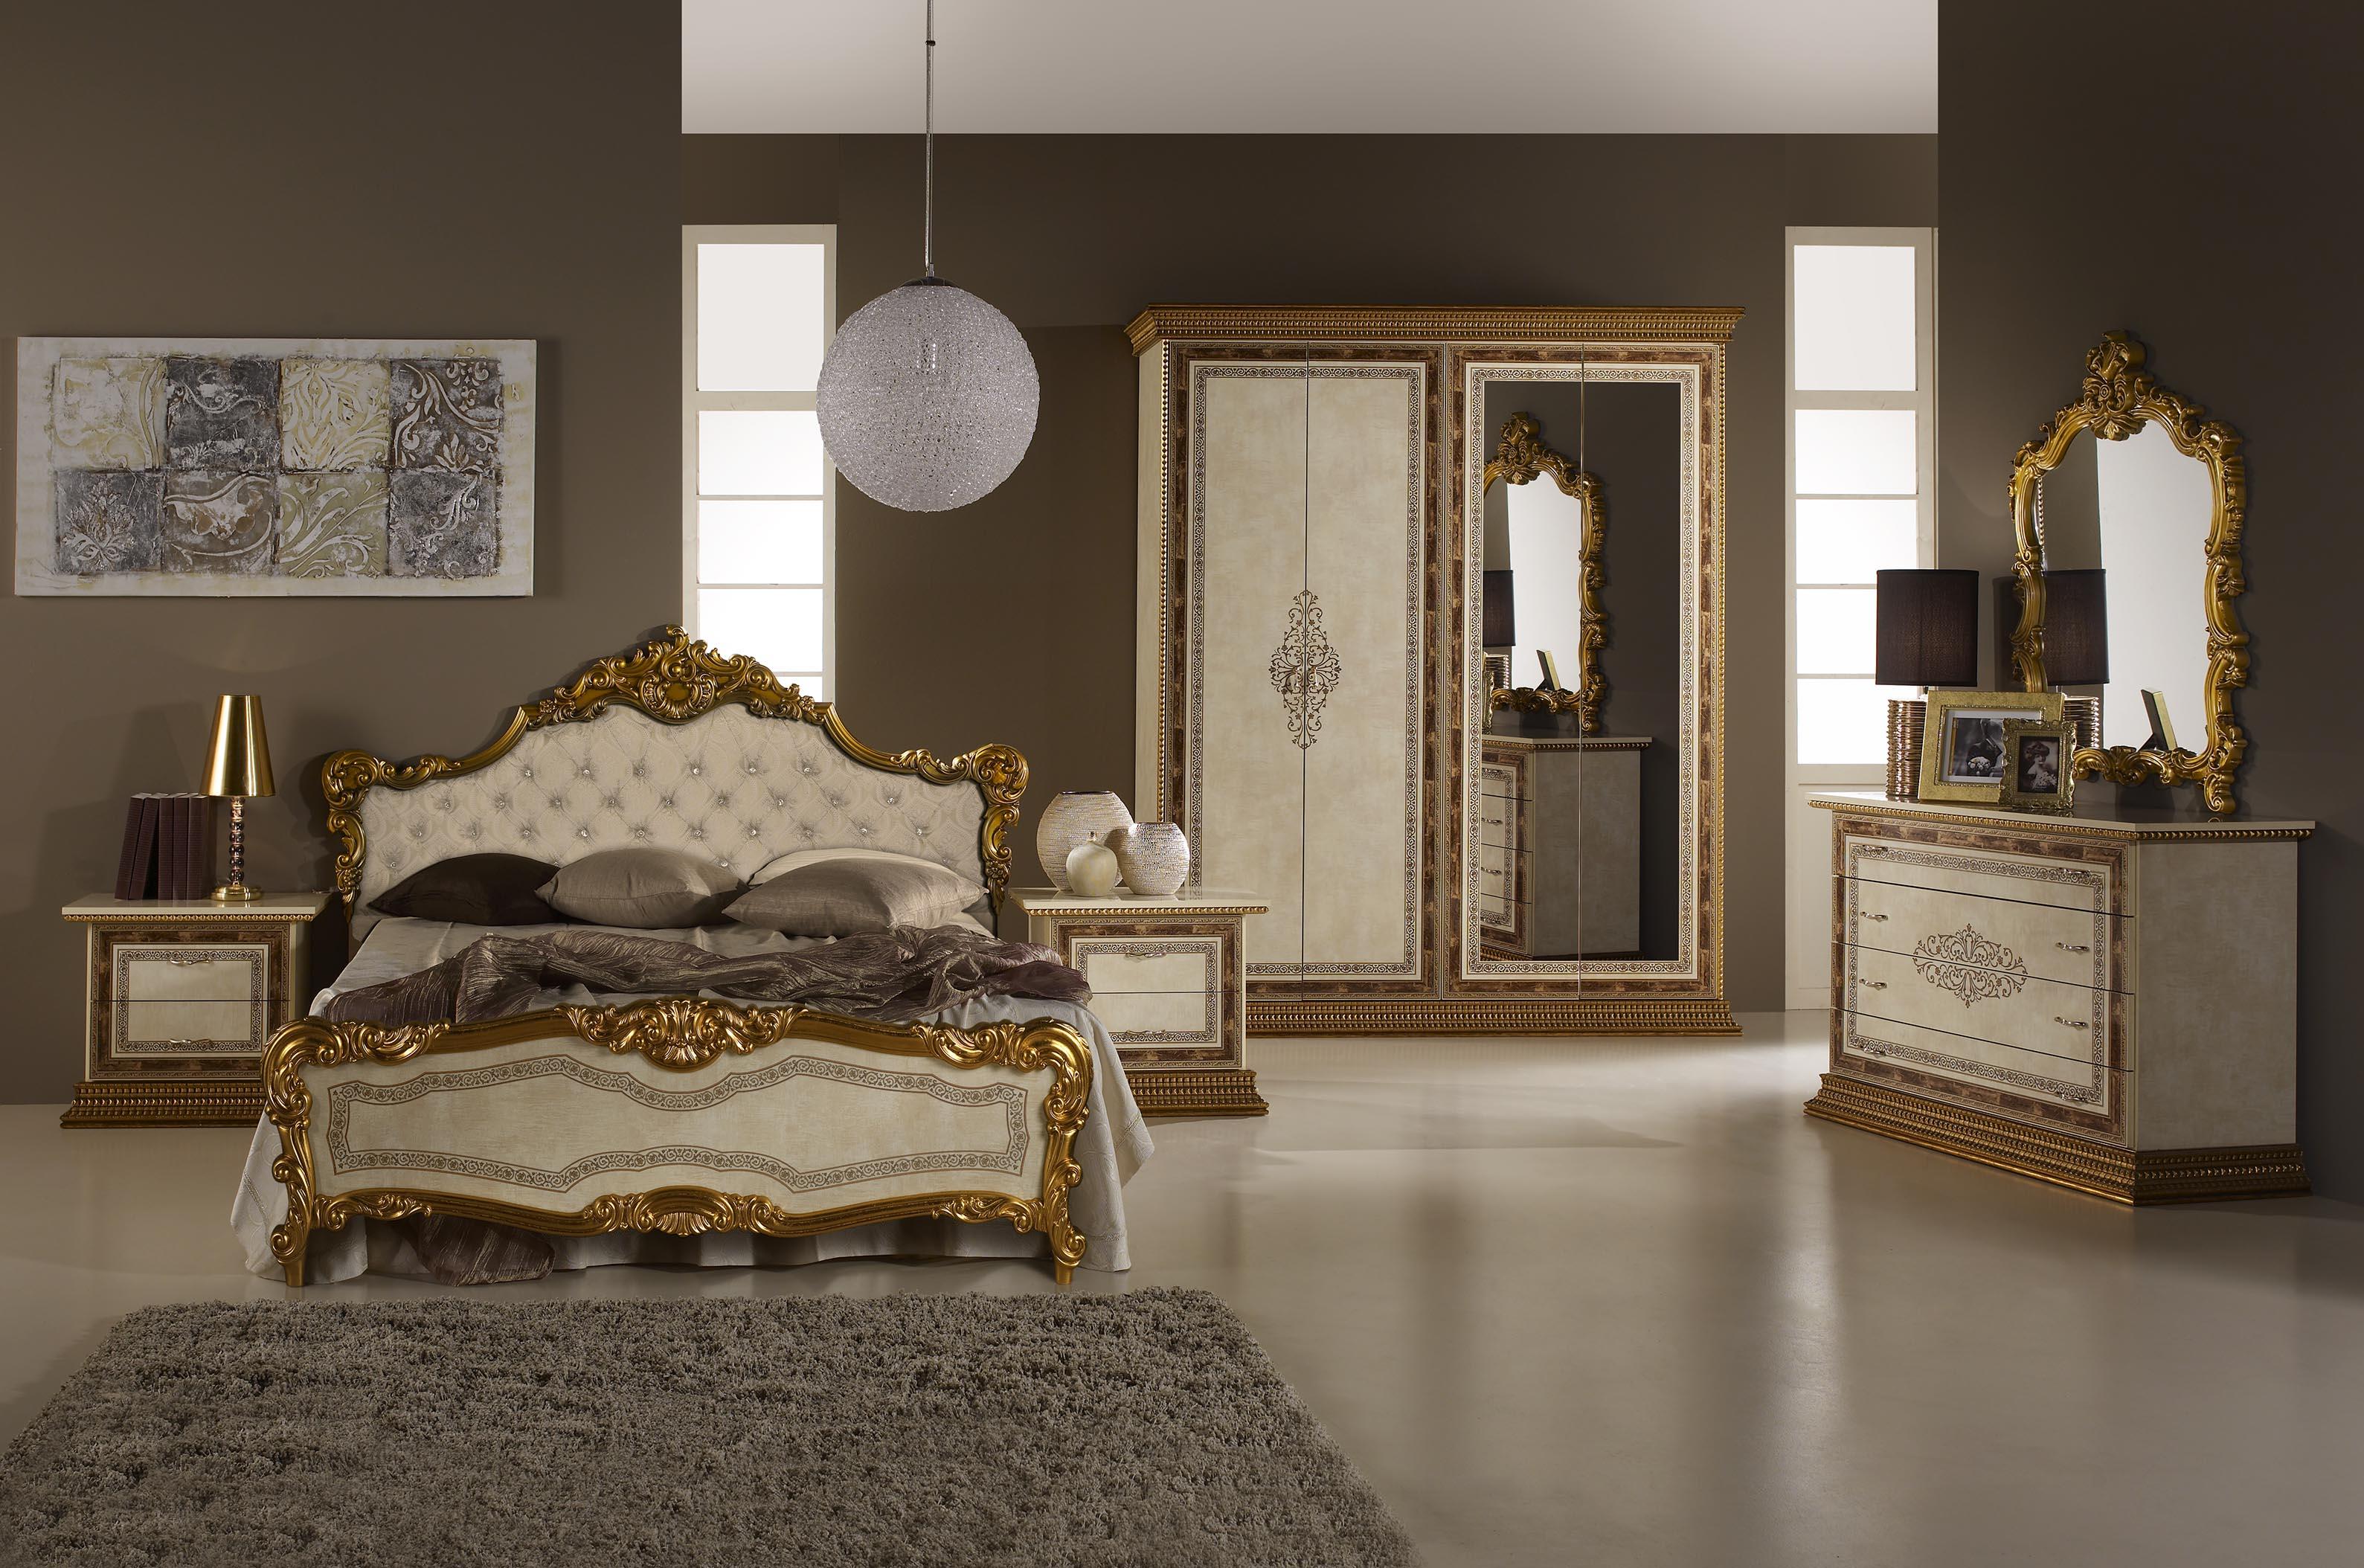 wohnwand jenny in beige gold wohnzimmer-wz-jen - Wohnzimmer Beige Gold